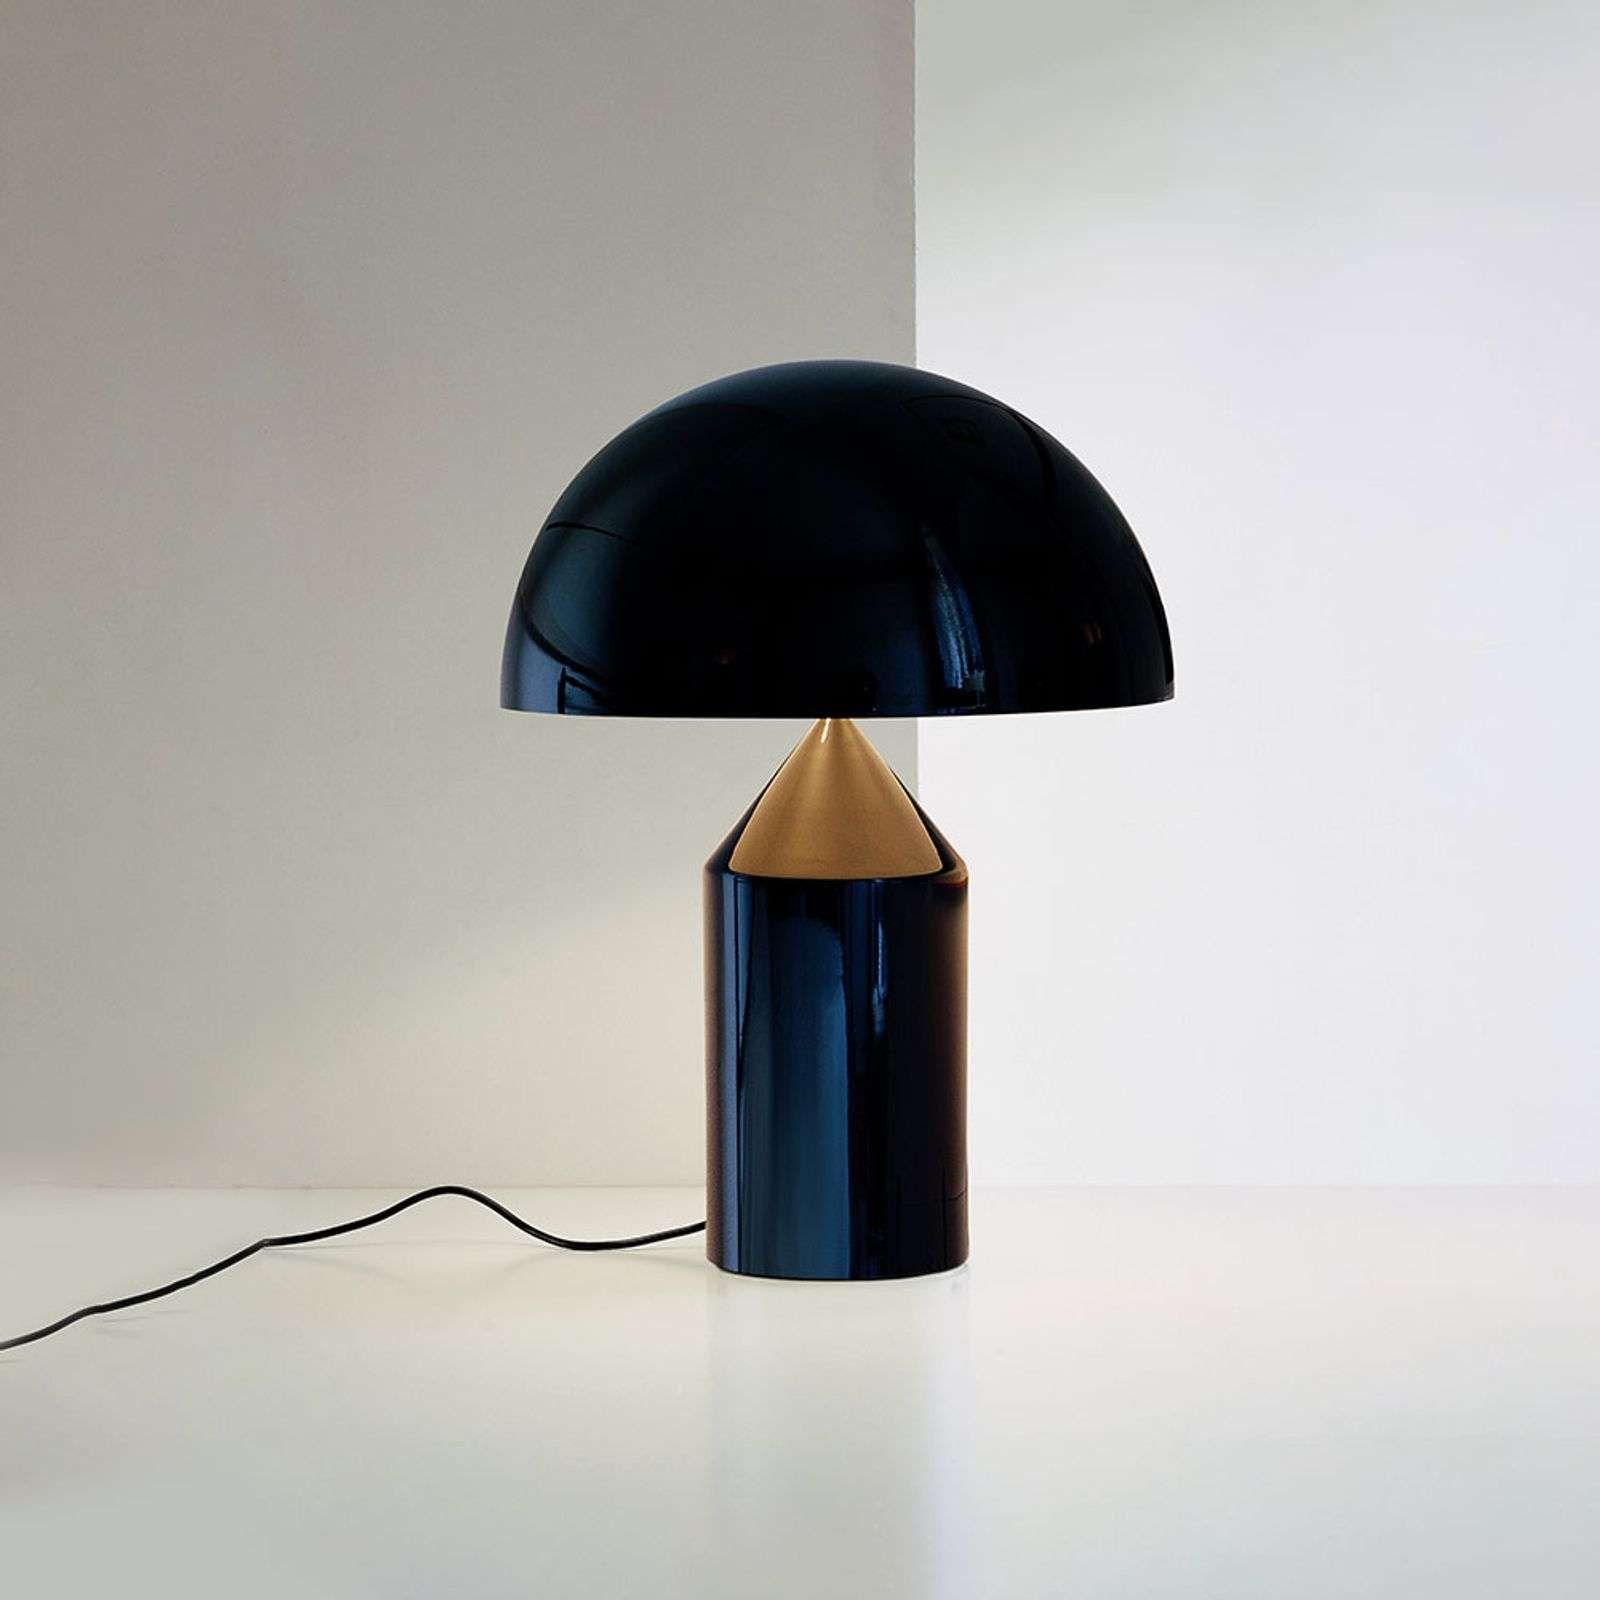 Staande Lamp Met Leeslamp Praxis Lampen Kwantum Hallen Tafellamp Xenos Luxe Klassieke Tafellampen Grote Witte Tafellamp In 2020 Tafellamp Lampenkap Lampvoeten